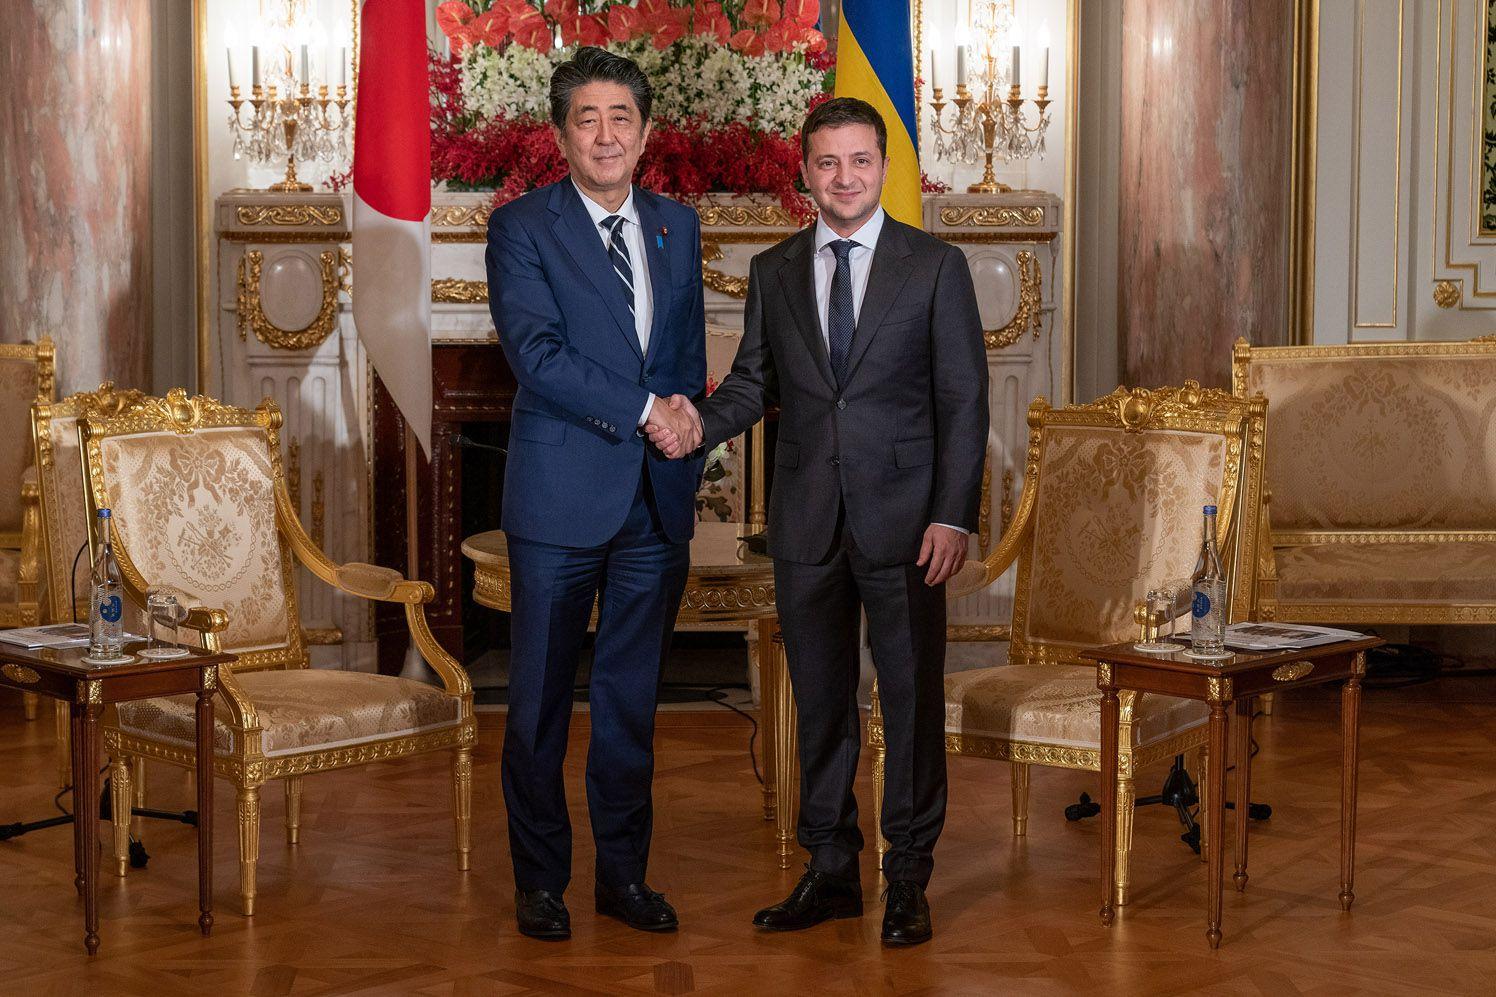 Владимир Зеленский примет участие в церемонии интронизации Императора Японии